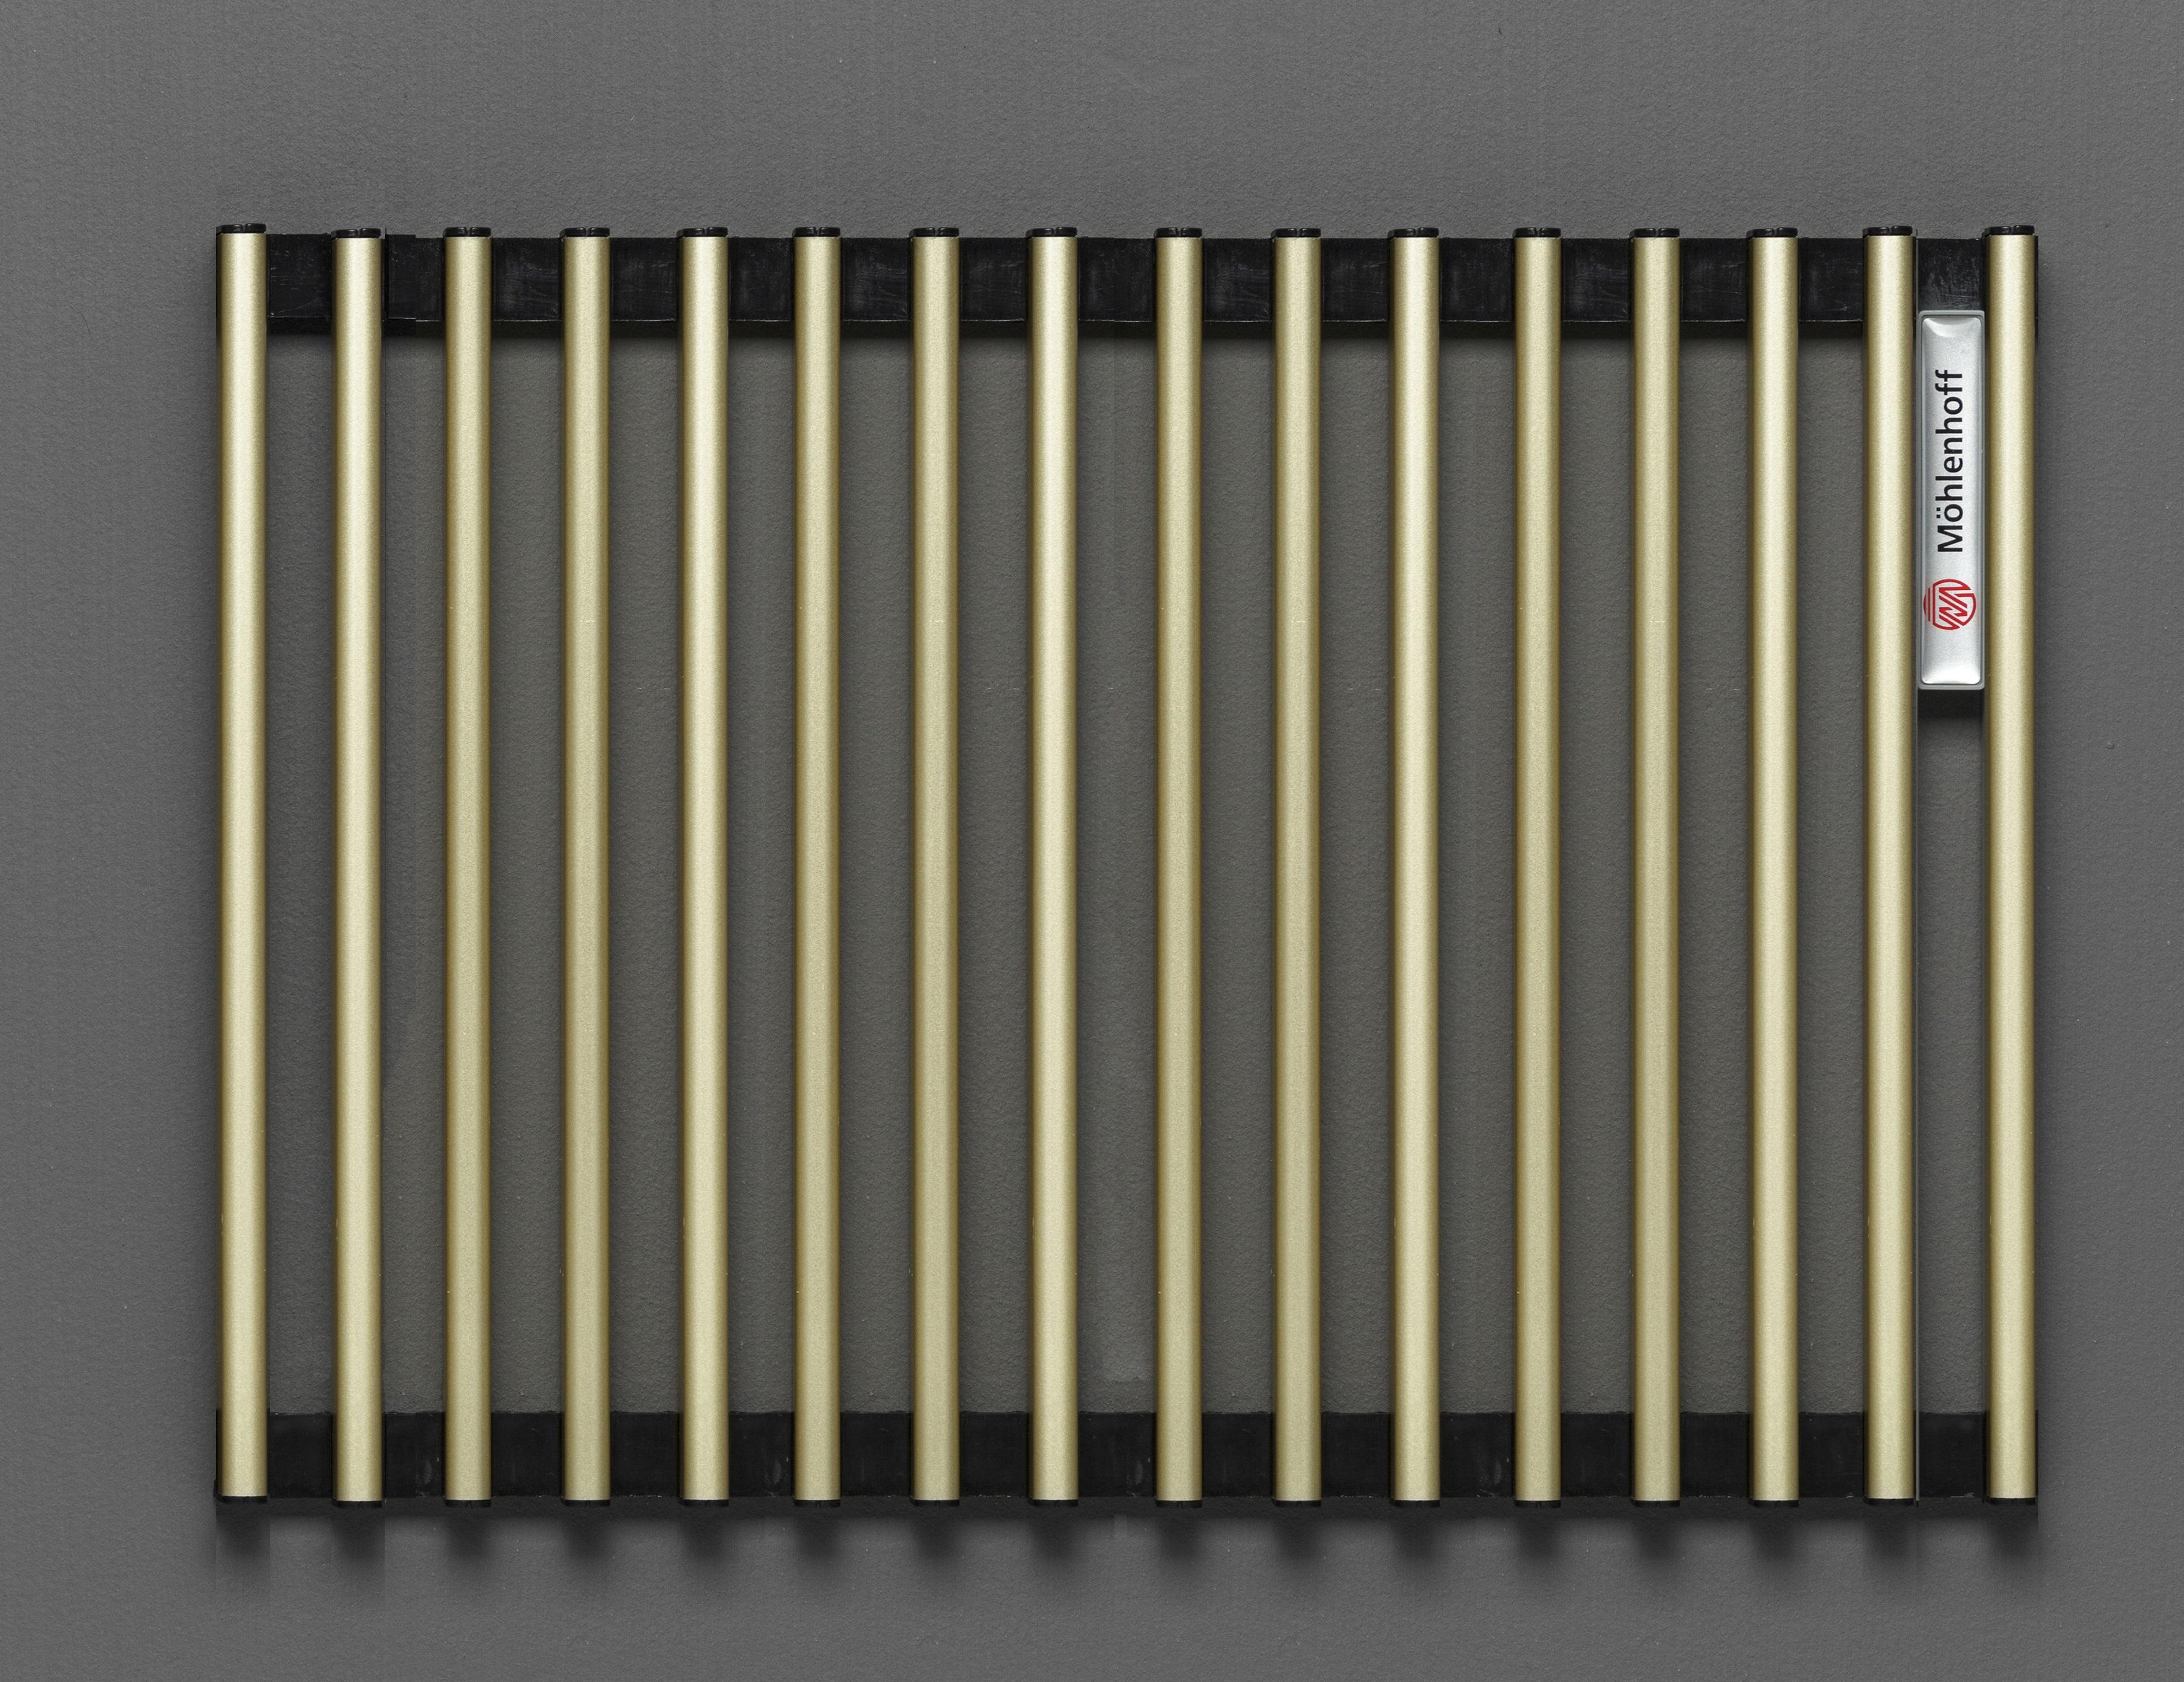 Купить Декоративная решётка Mohlenhoff светлая латунь, шириной 410 мм 1 пог. м, Россия